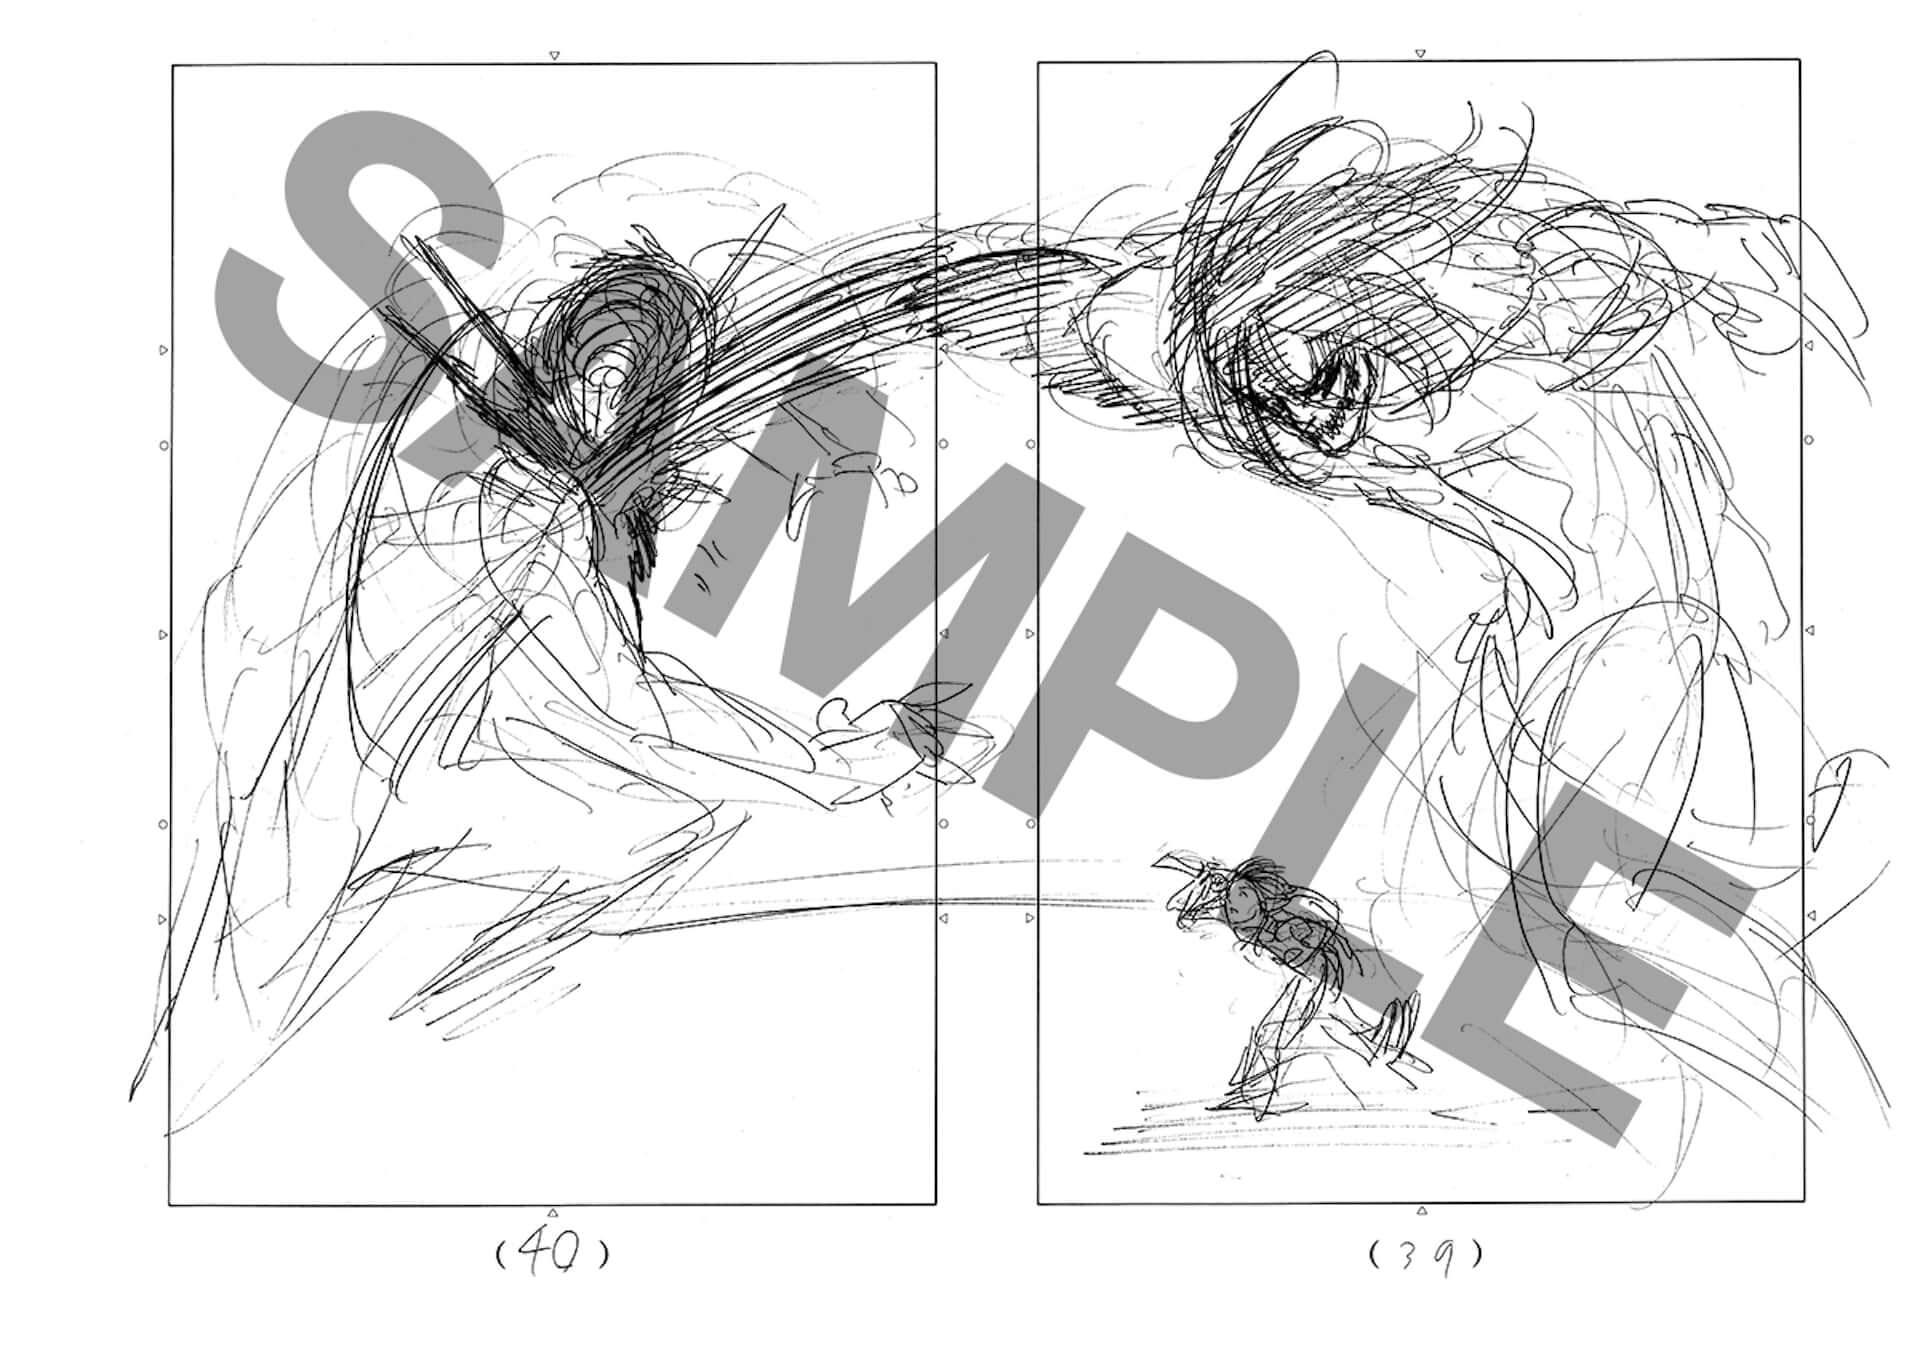 進撃の巨人がひらパーに襲来!<進撃の巨人展FINALinひらかたパーク>が開催|大阪展限定描き下ろしアニメイラストも公開 art190913_shingekinokyojin_hirakata_17-1920x1355